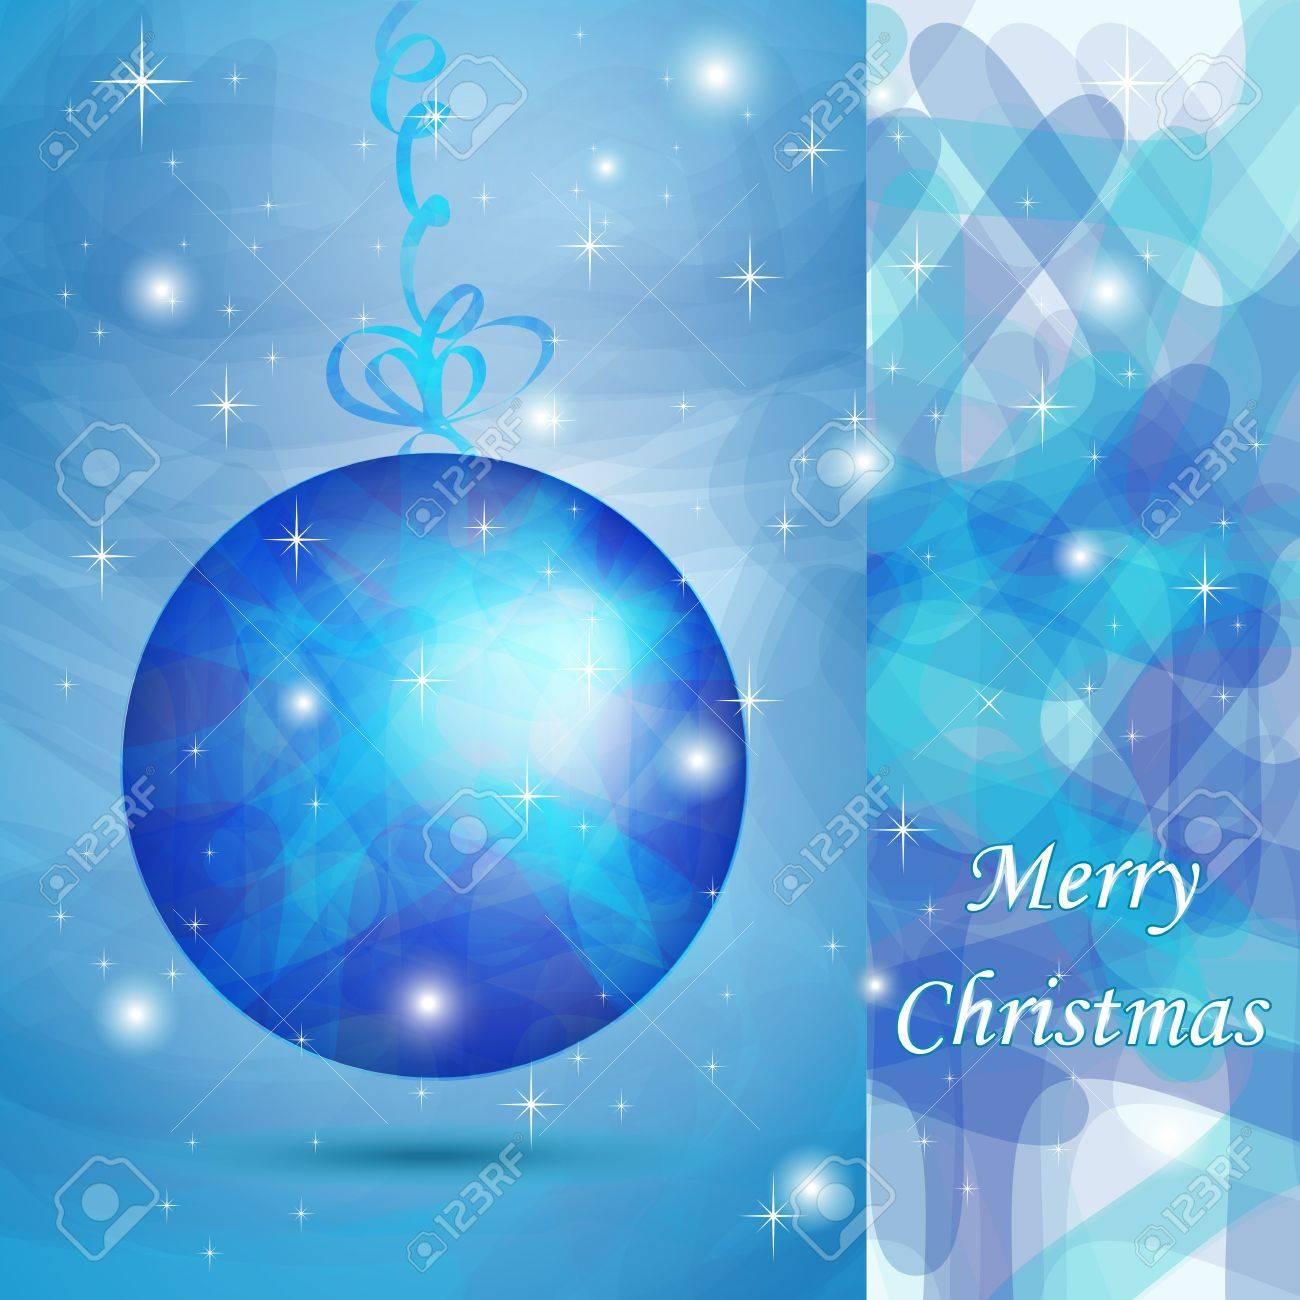 elegante bola de navidad con tonos azules para tarjeta de deseos foto de archivo